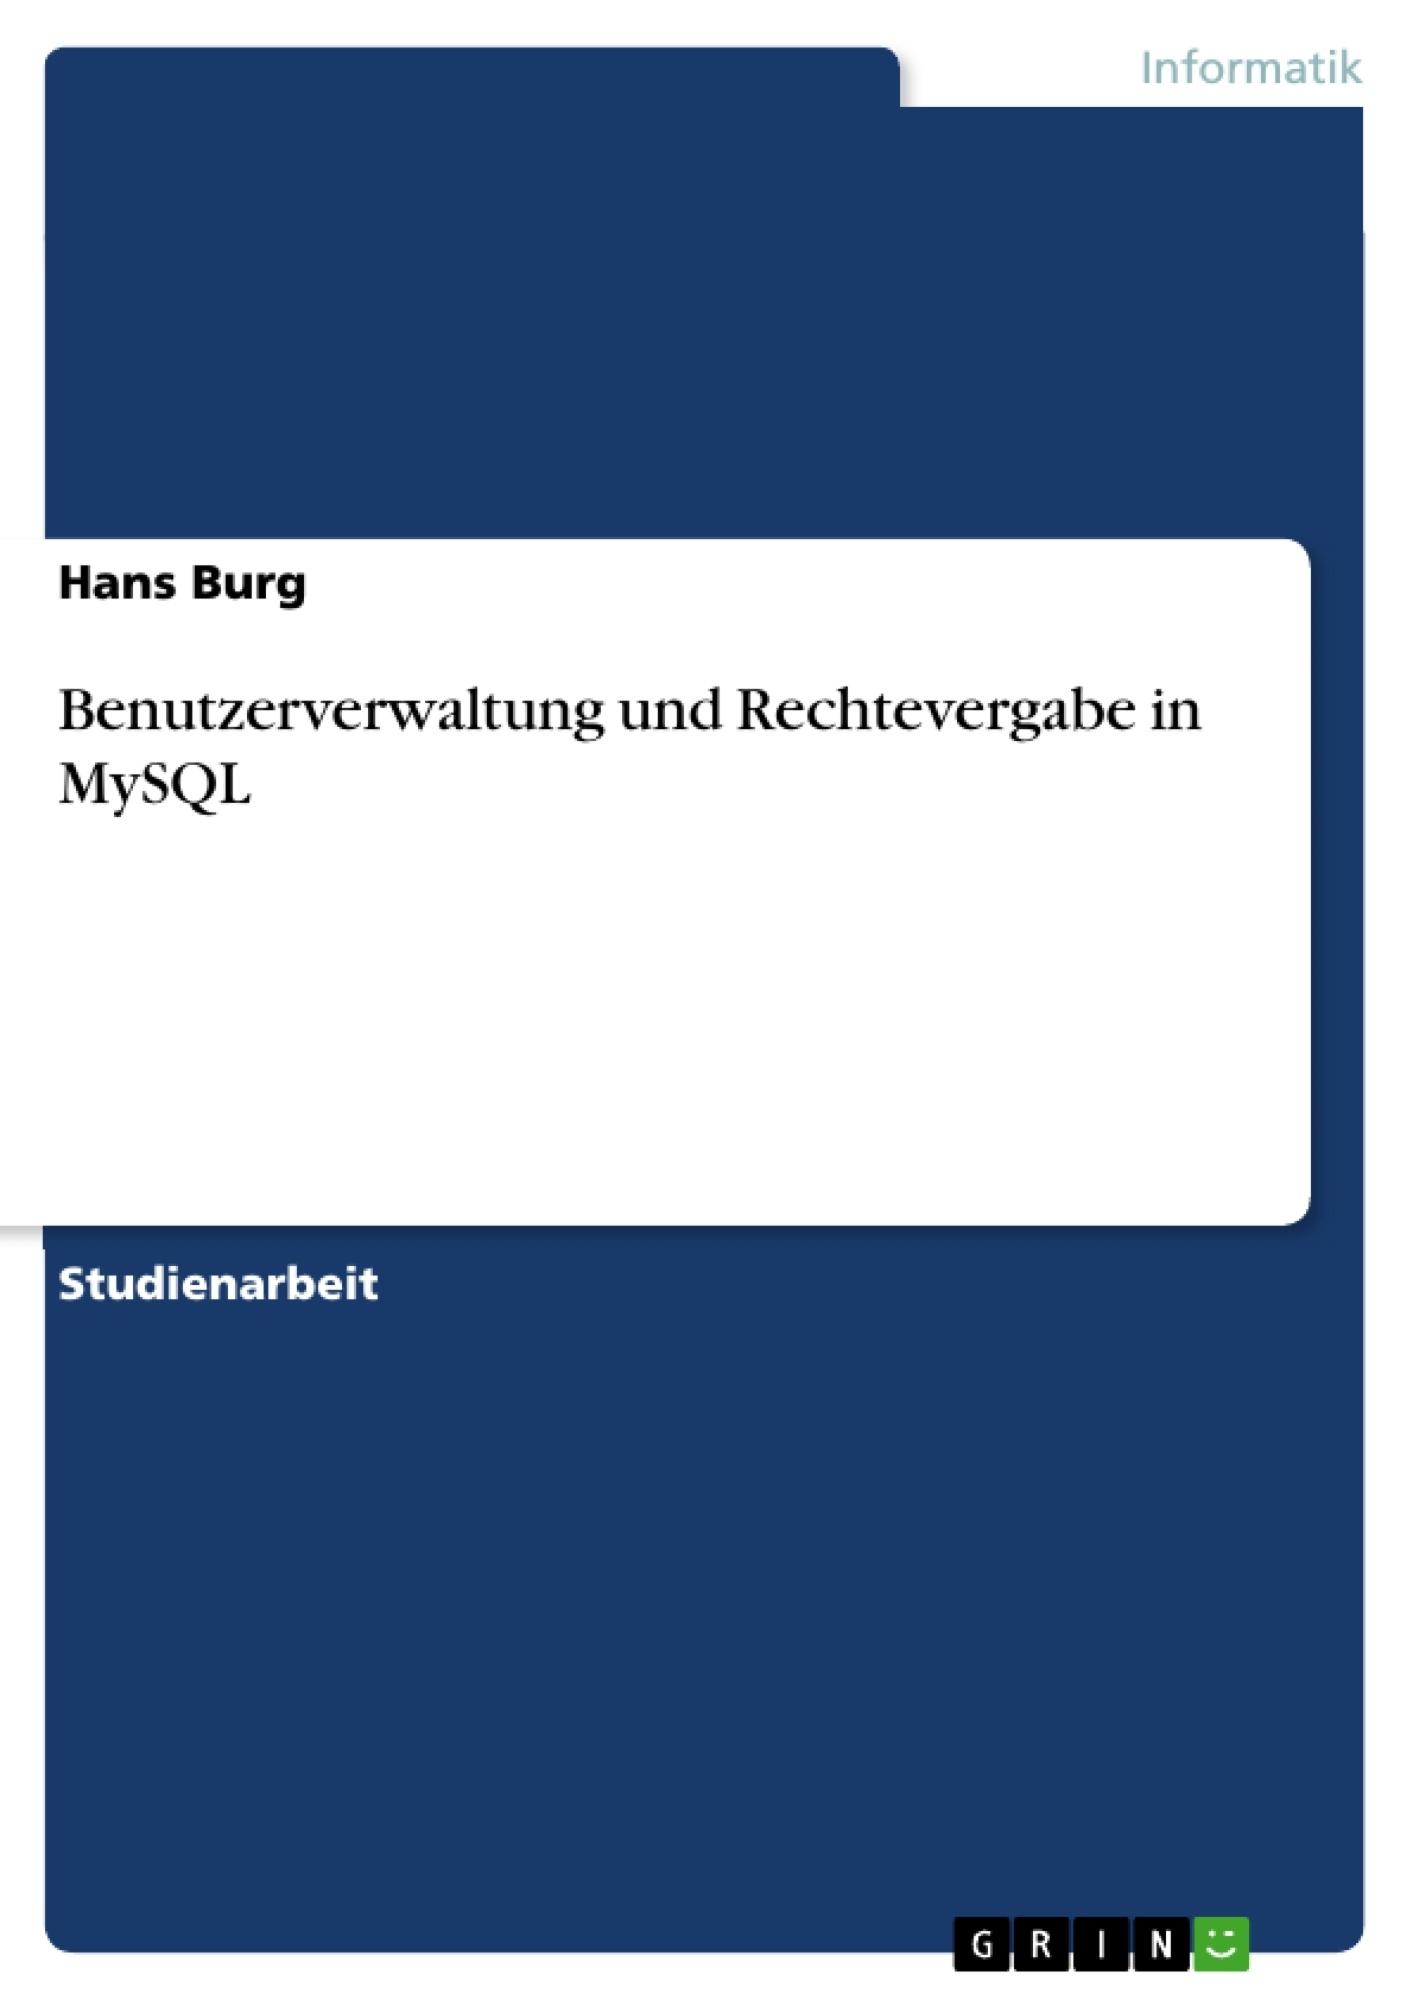 Titel: Benutzerverwaltung und Rechtevergabe in MySQL